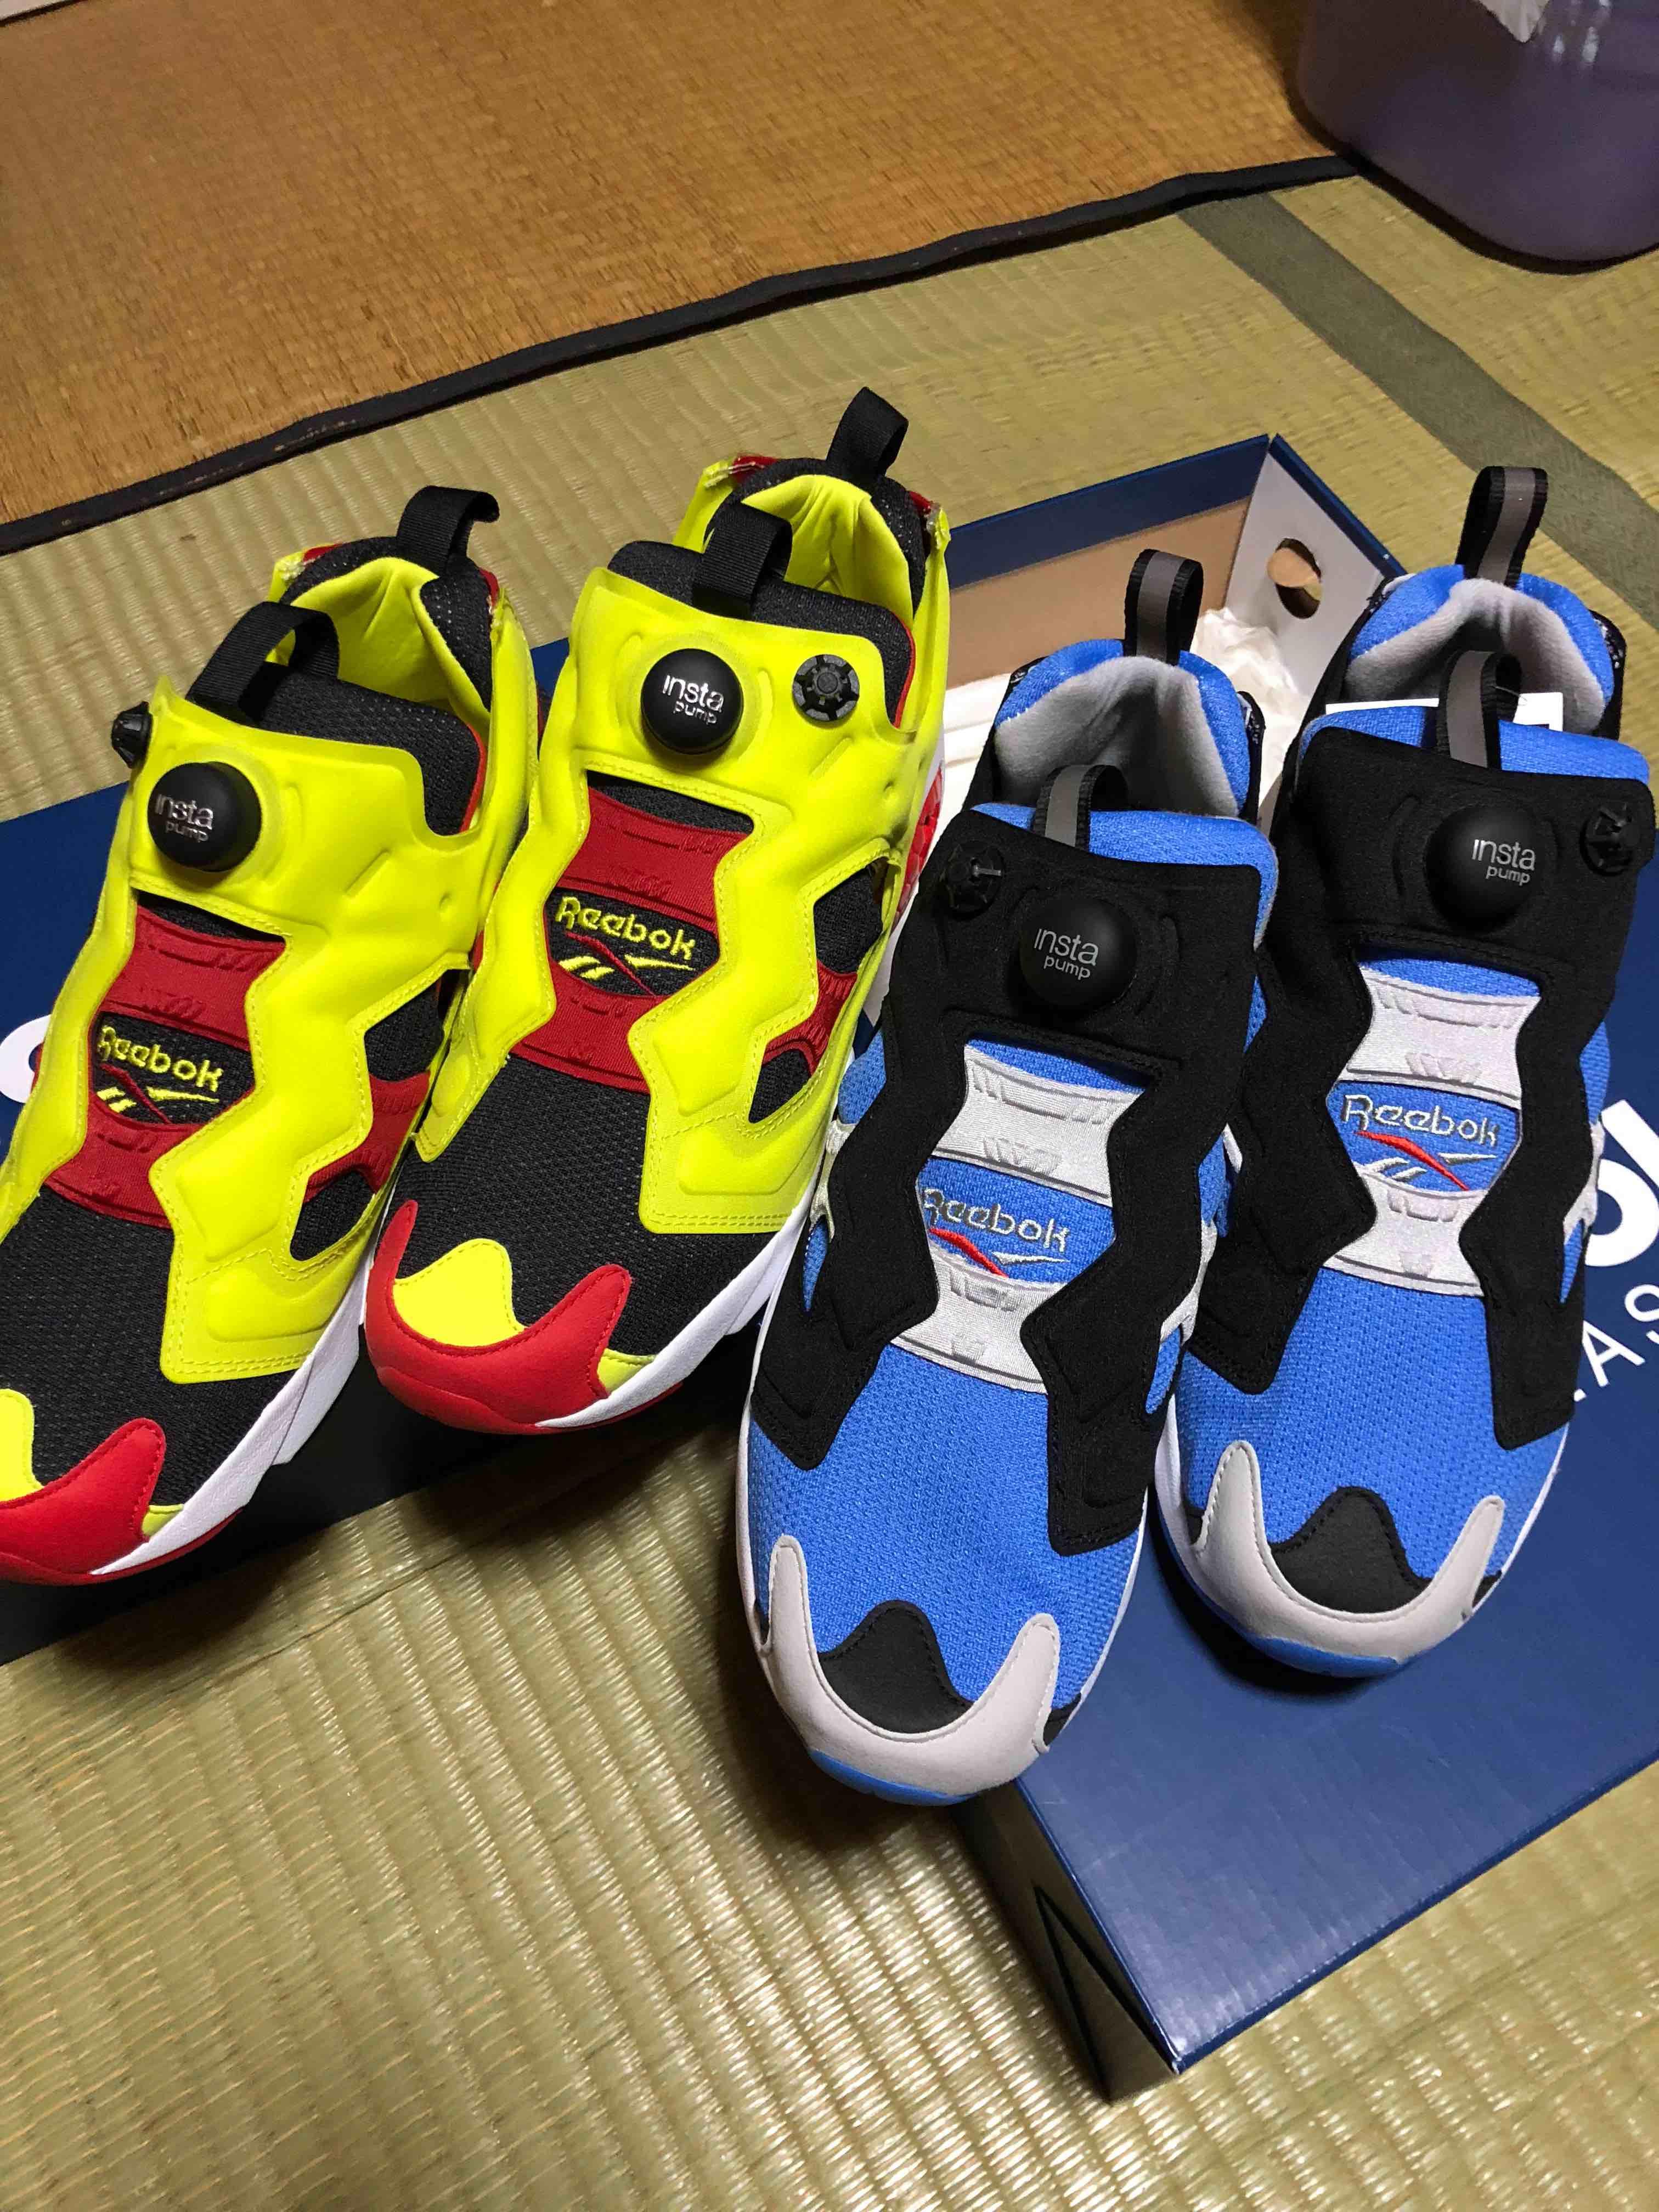 #スニーカー  ポンプフューリー ダブルゲット! 皆さん履くなら、どっちか